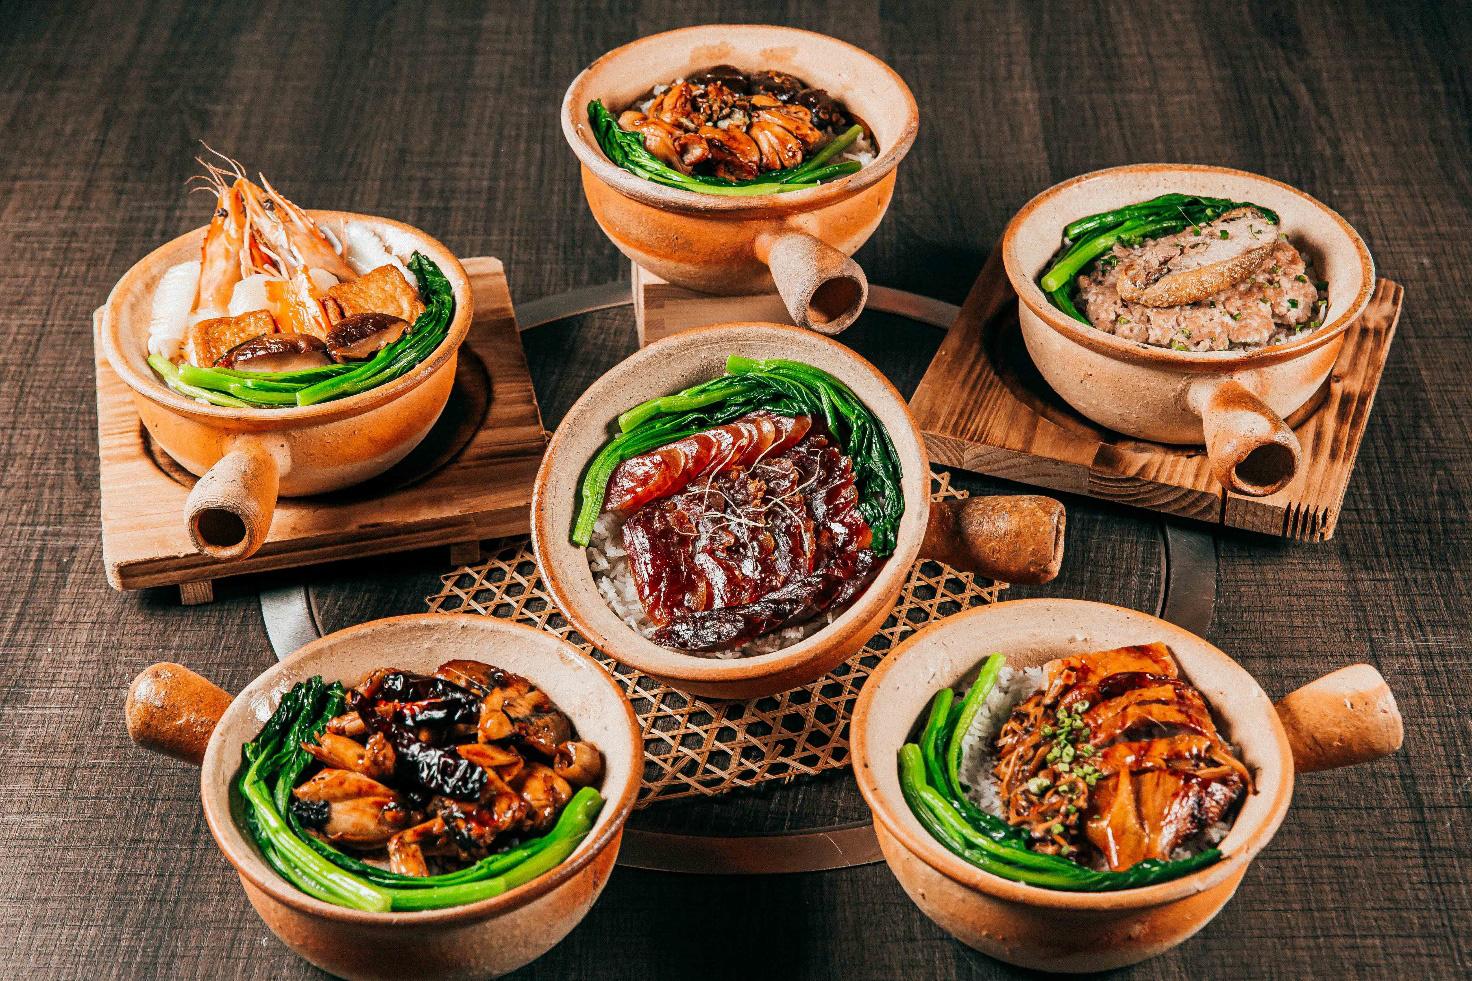 Khám phá tinh tế ẩm thực Trung Hoa giữa phố đi bộ Nguyễn Huệ tại MISTER LAI KITCHEN - Ảnh 4.